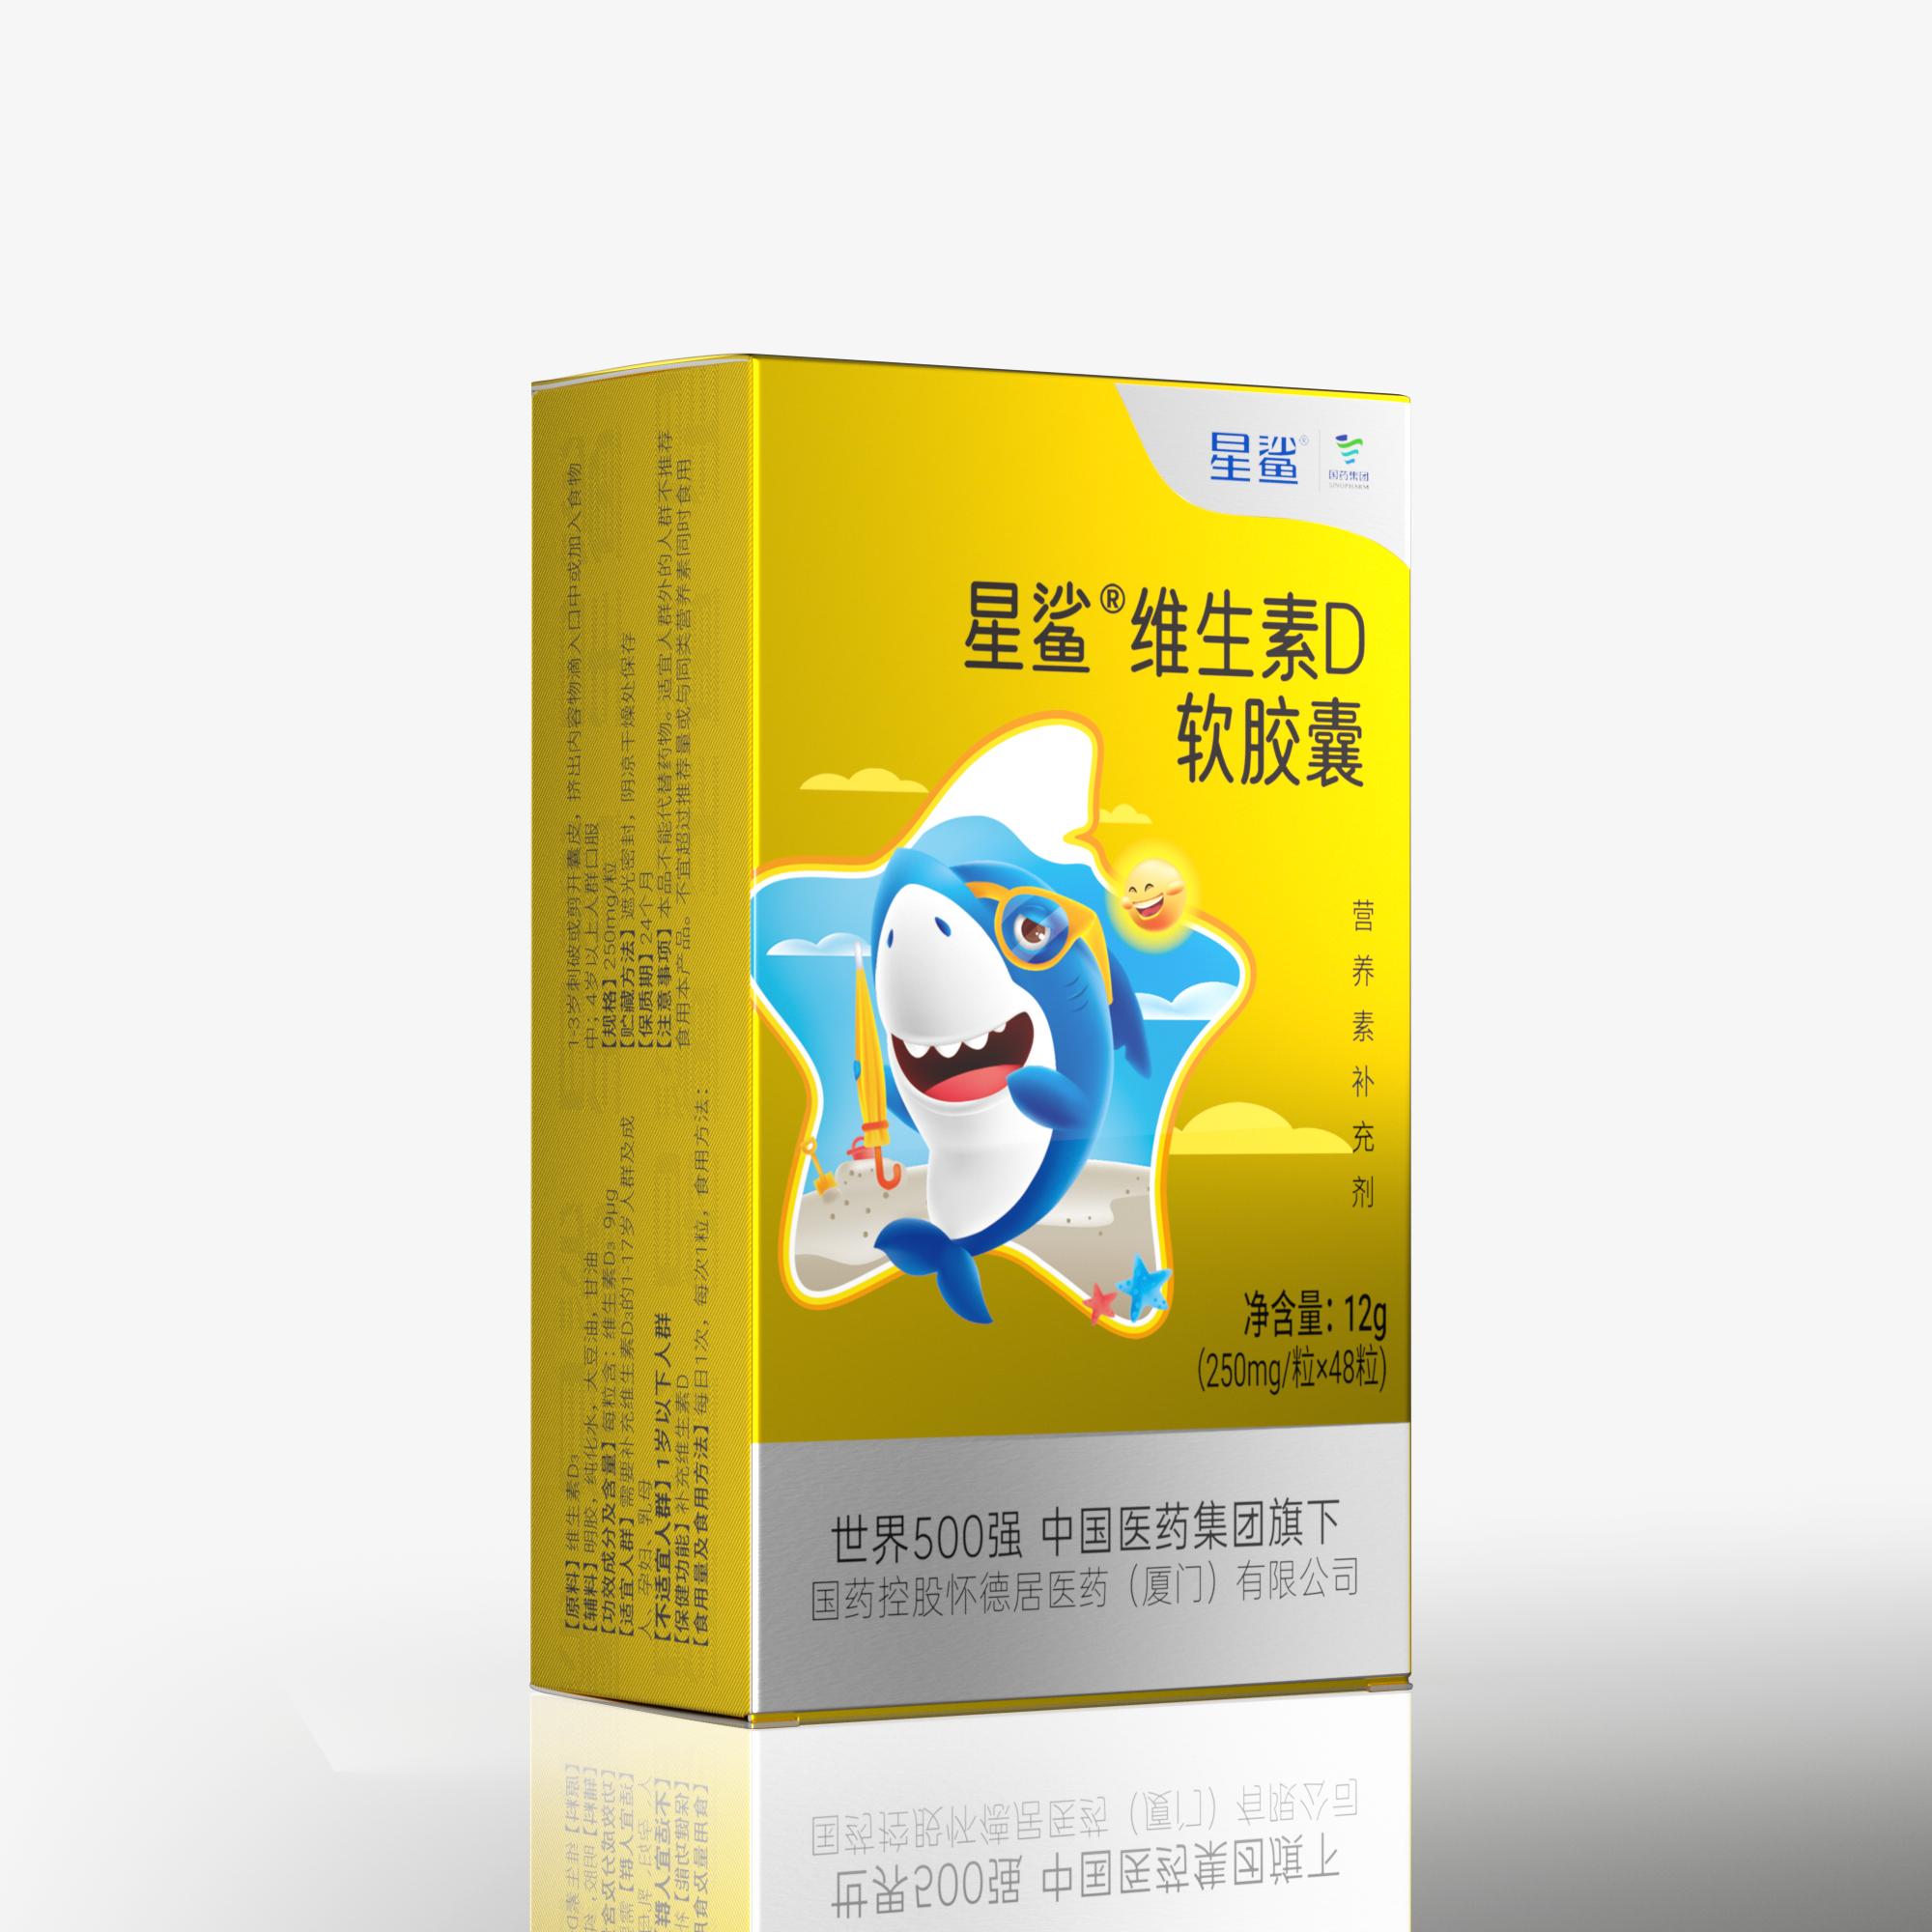 国药控股怀德居医药(厦门)有限公司